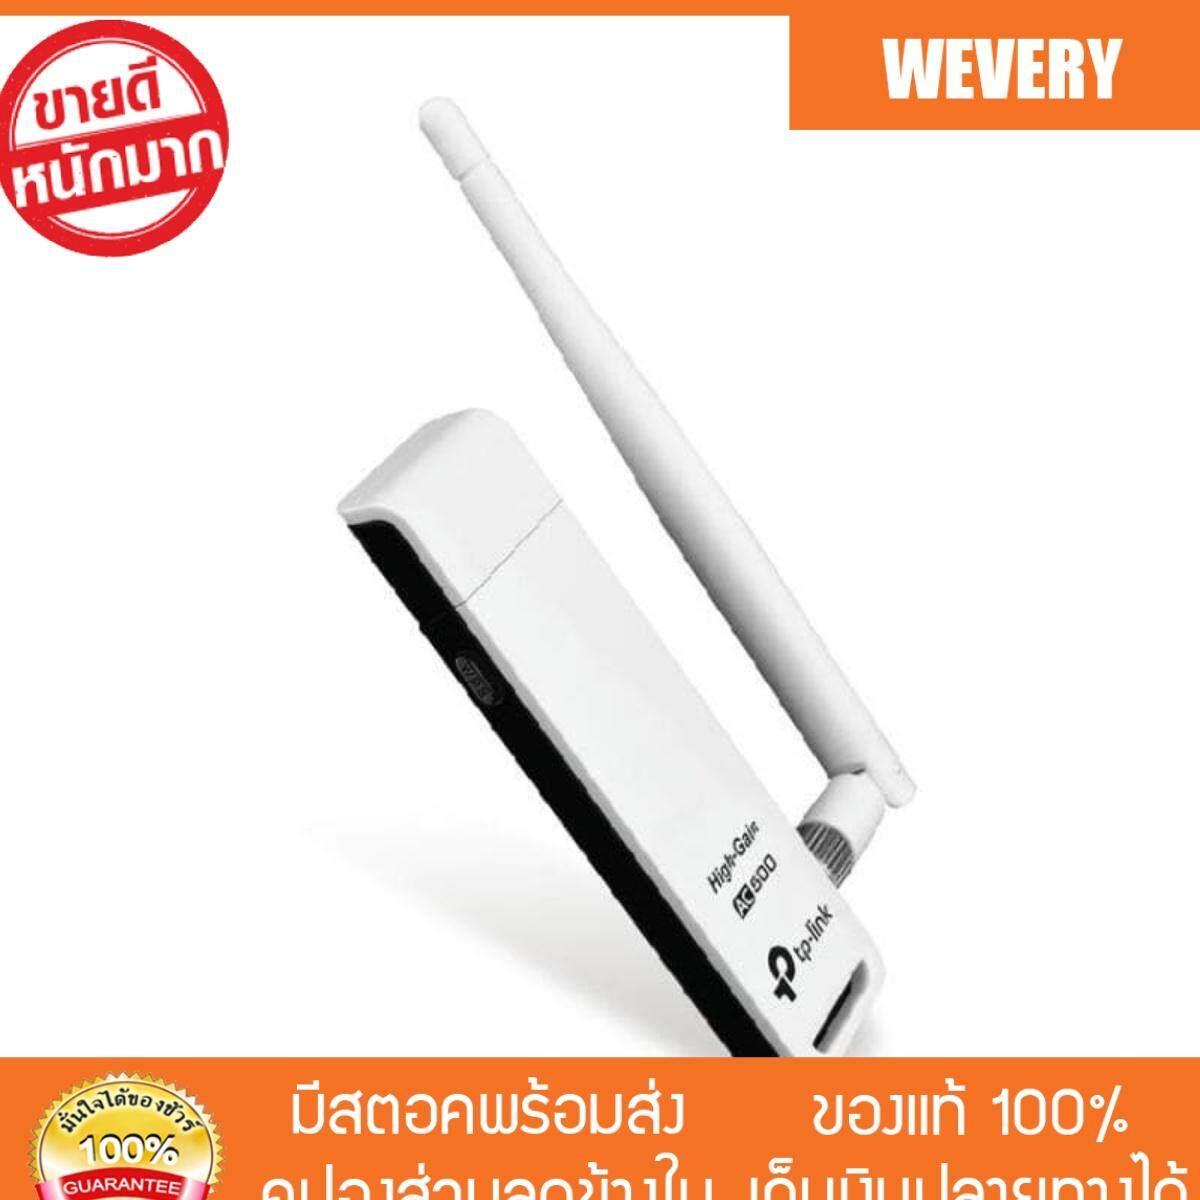 ลดสุดๆ [Wevery] TP-Link T2UH อุปกรณ์รับ Wi-Fi (AC600 High Gain Wireless Dual Band USB Adapter) ตัวรับสัญญาณ wifi ตัวรับ wifi ส่ง Kerry เก็บปลายทางได้